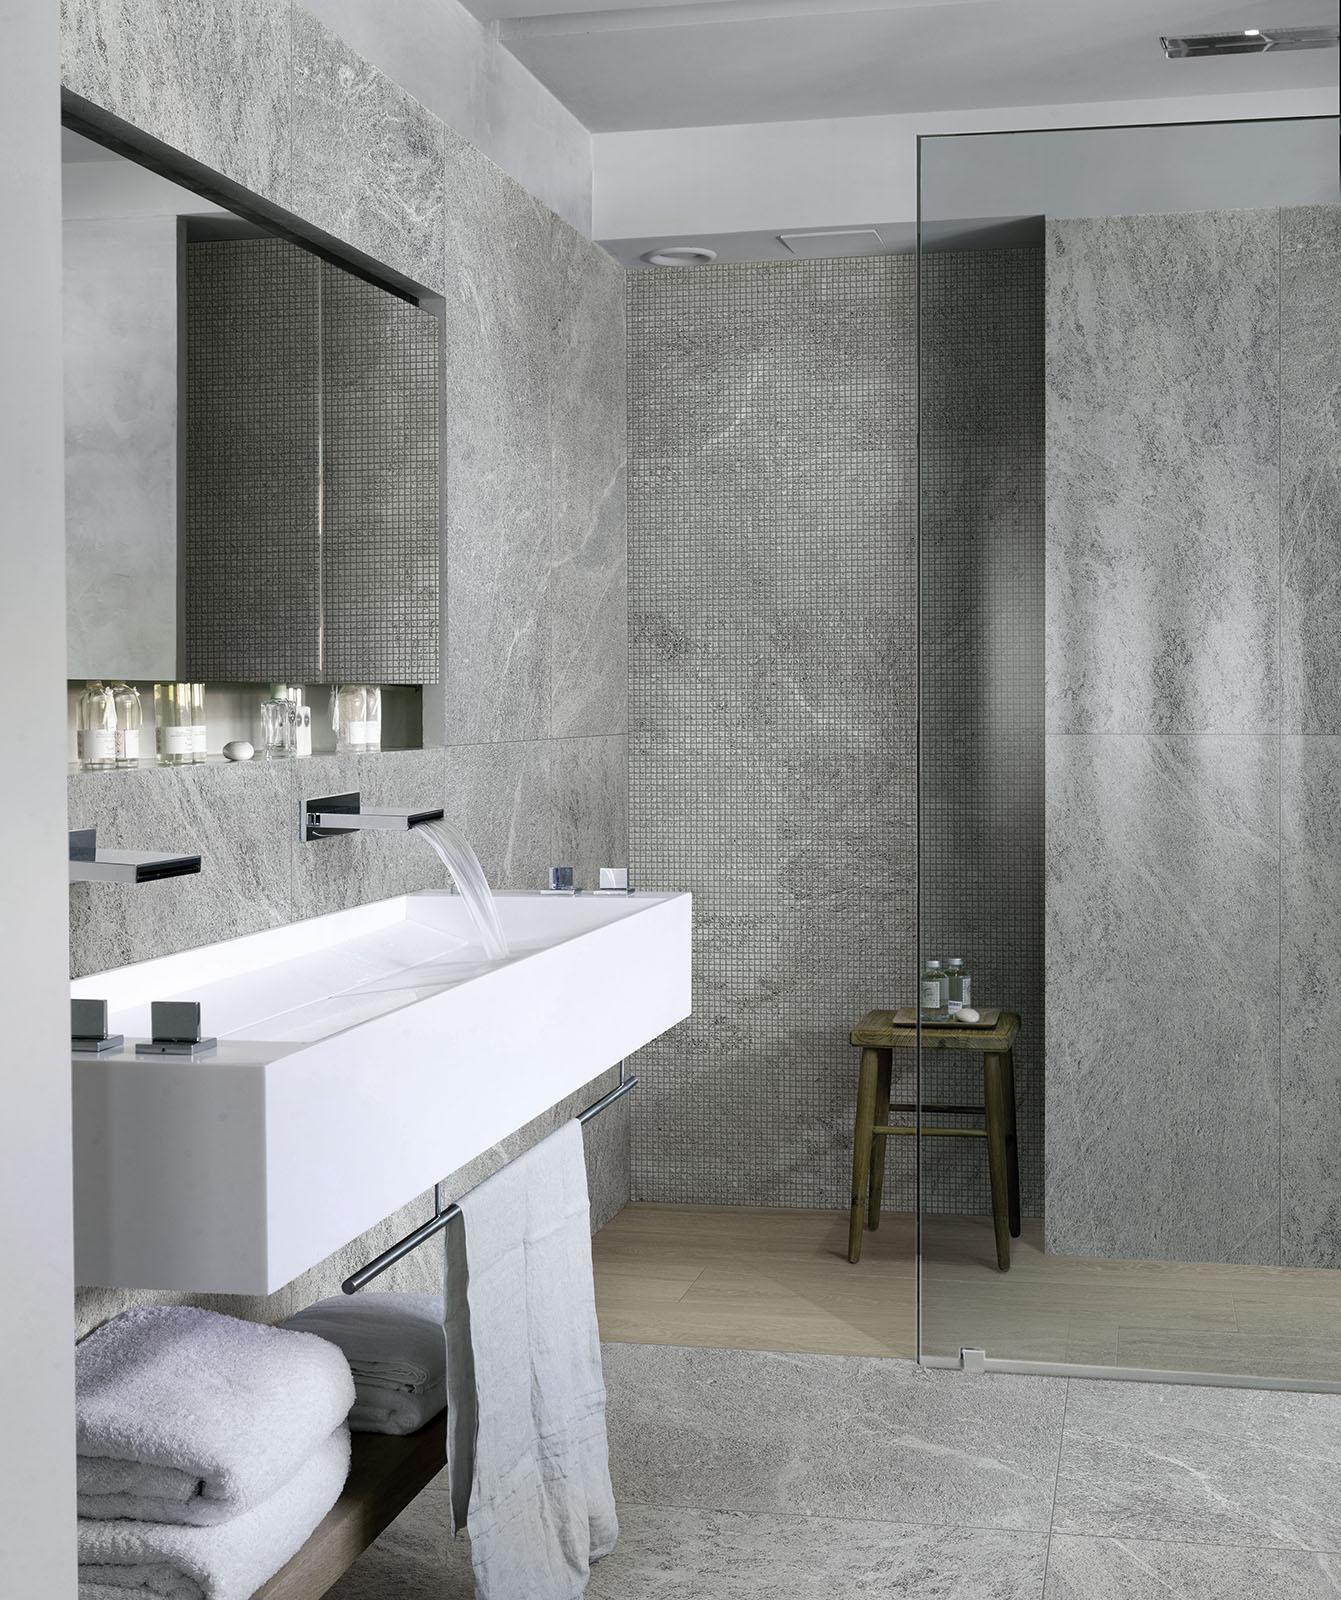 mattonelle per bagno: ceramica e gres porcellanato | marazzi - Placcaggi Bagni Moderni